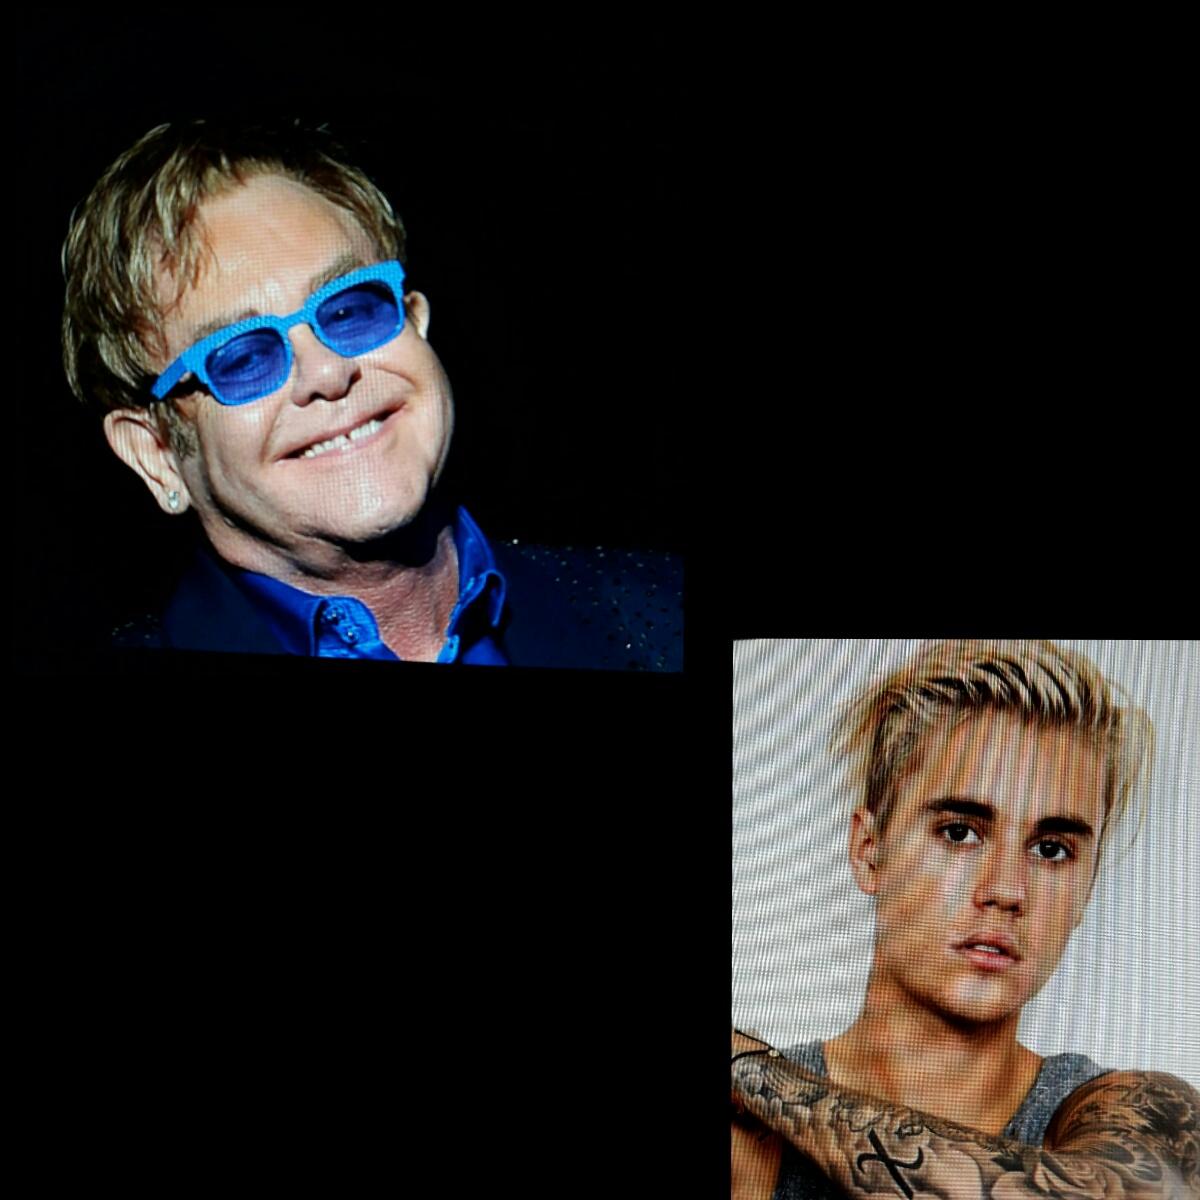 Camarote de luxo  Champions Club, estreia no Allianz Parque com  shows de Justin Bieber e Elton John!